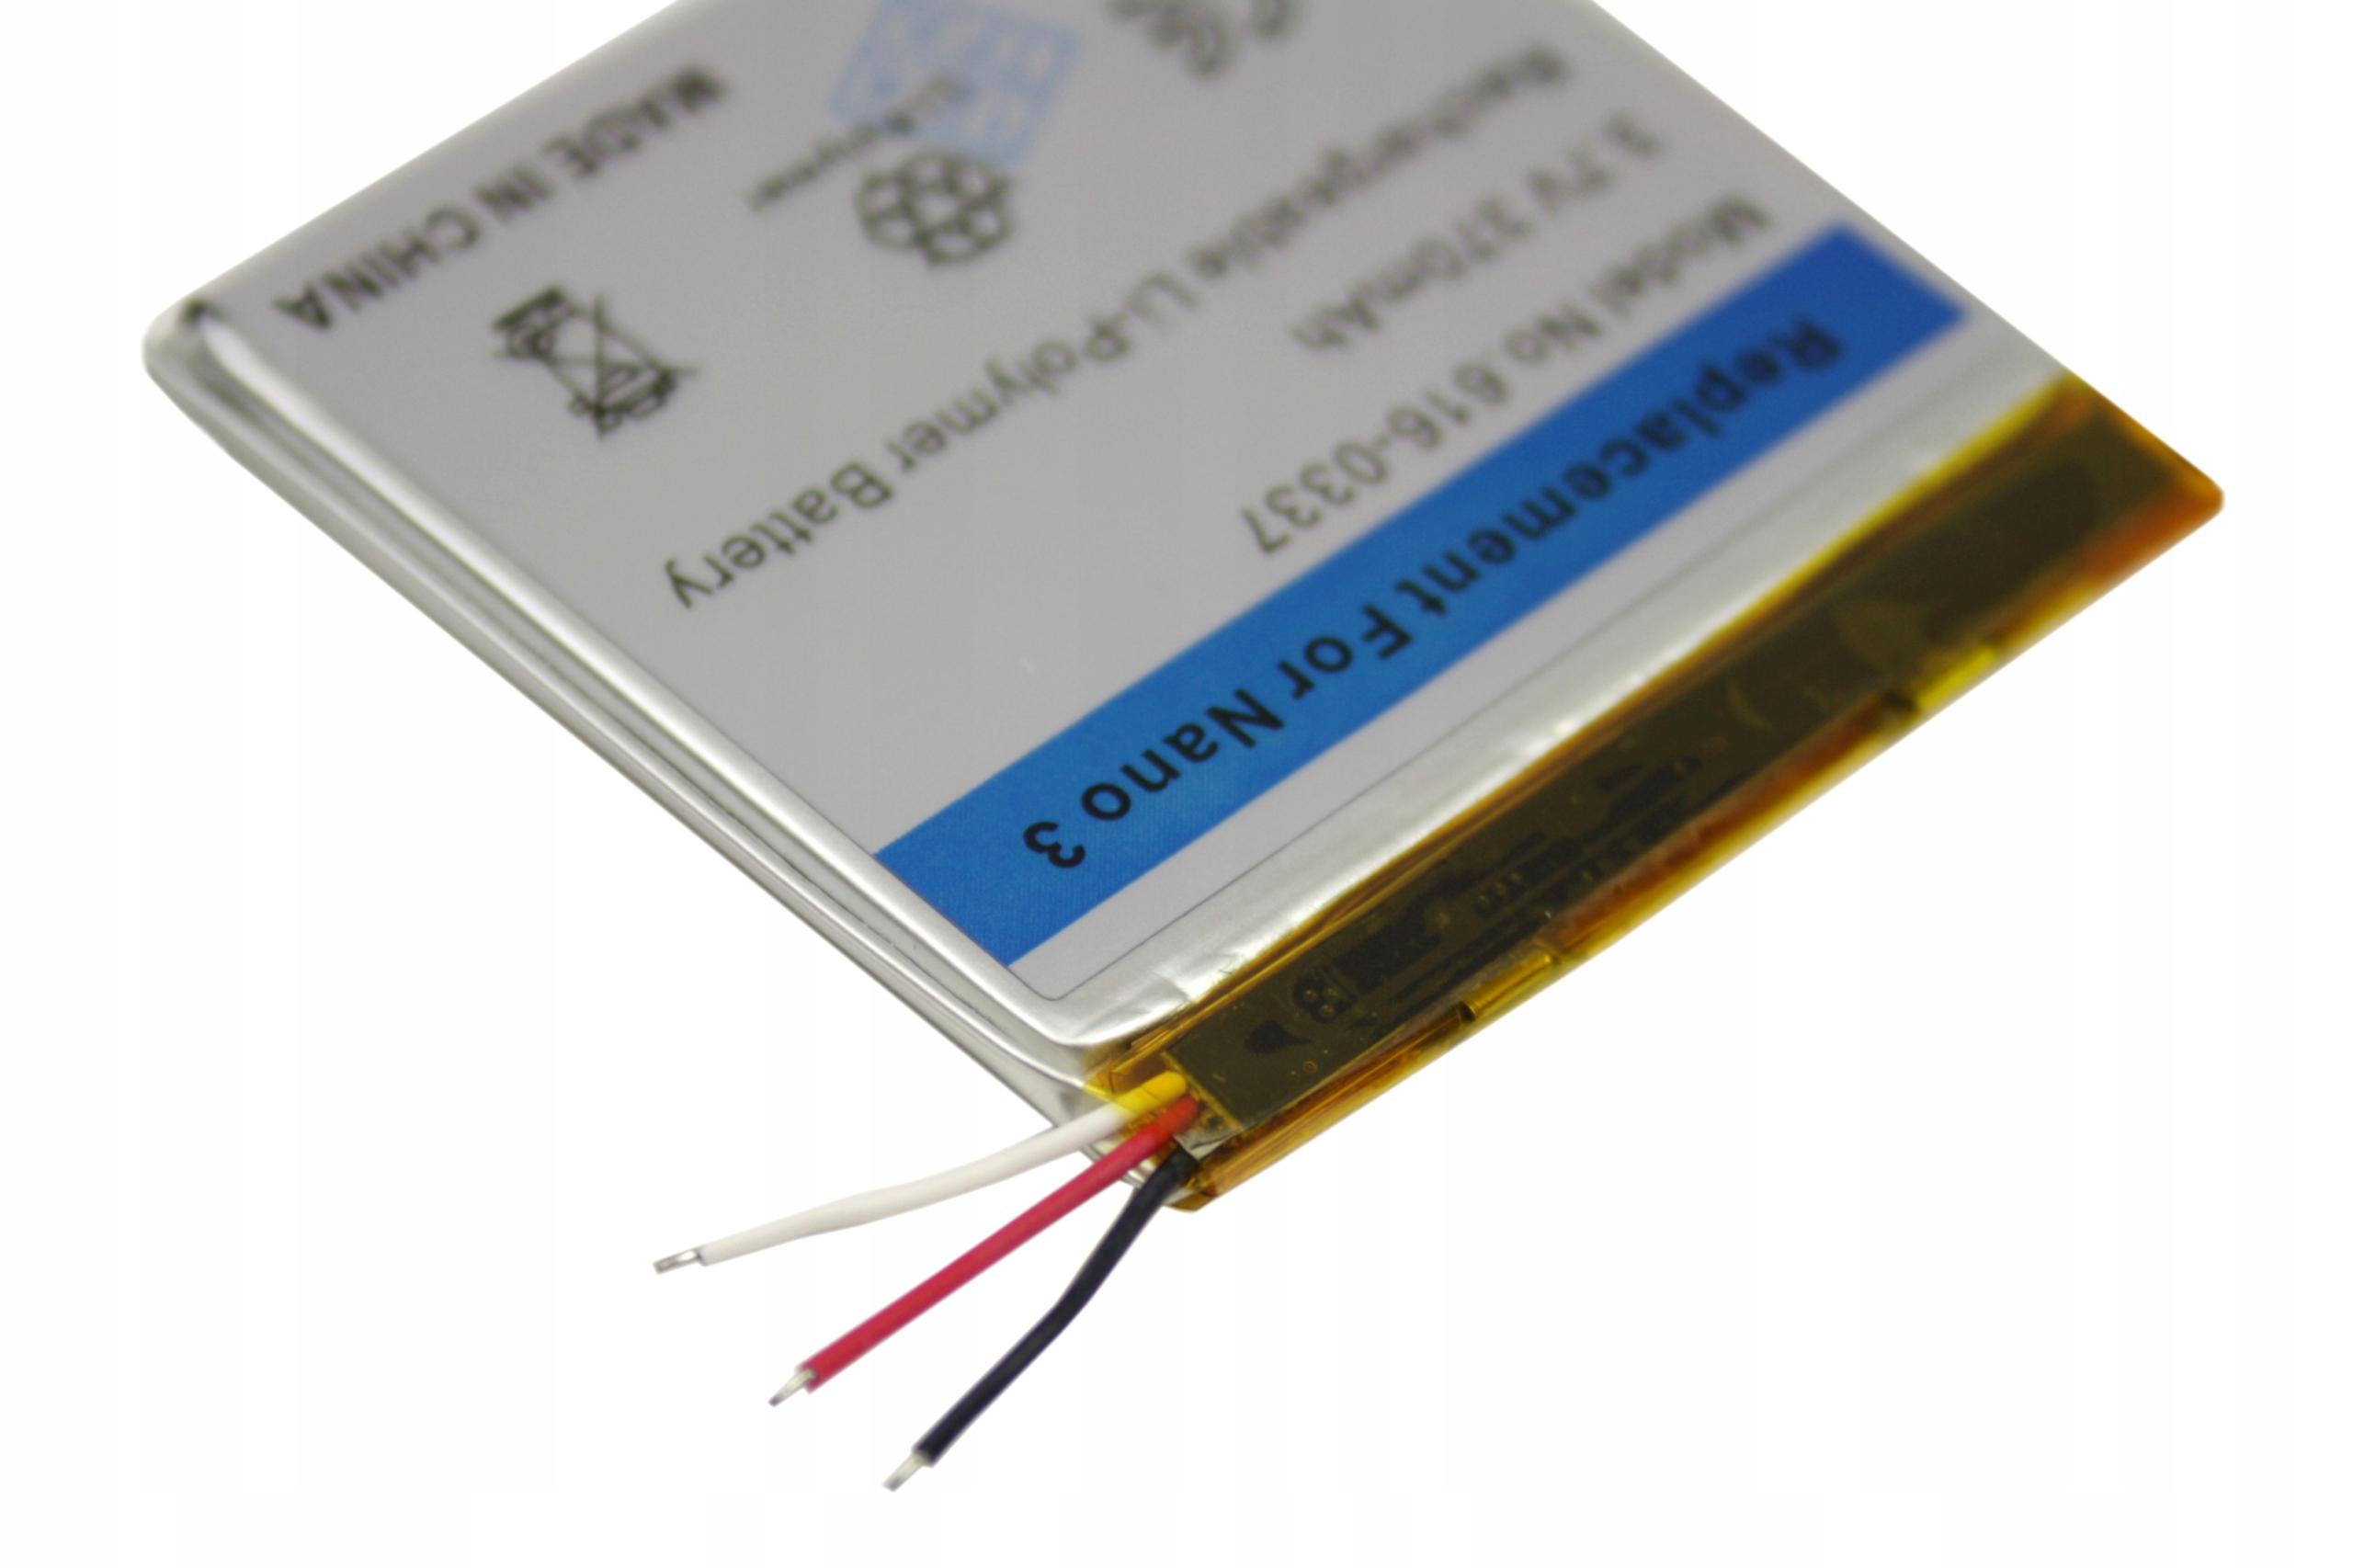 BATERIA AKUMULATOR APPLE IPOD NANO 3 3G 3GEN - Części i akcesoria do iPodów